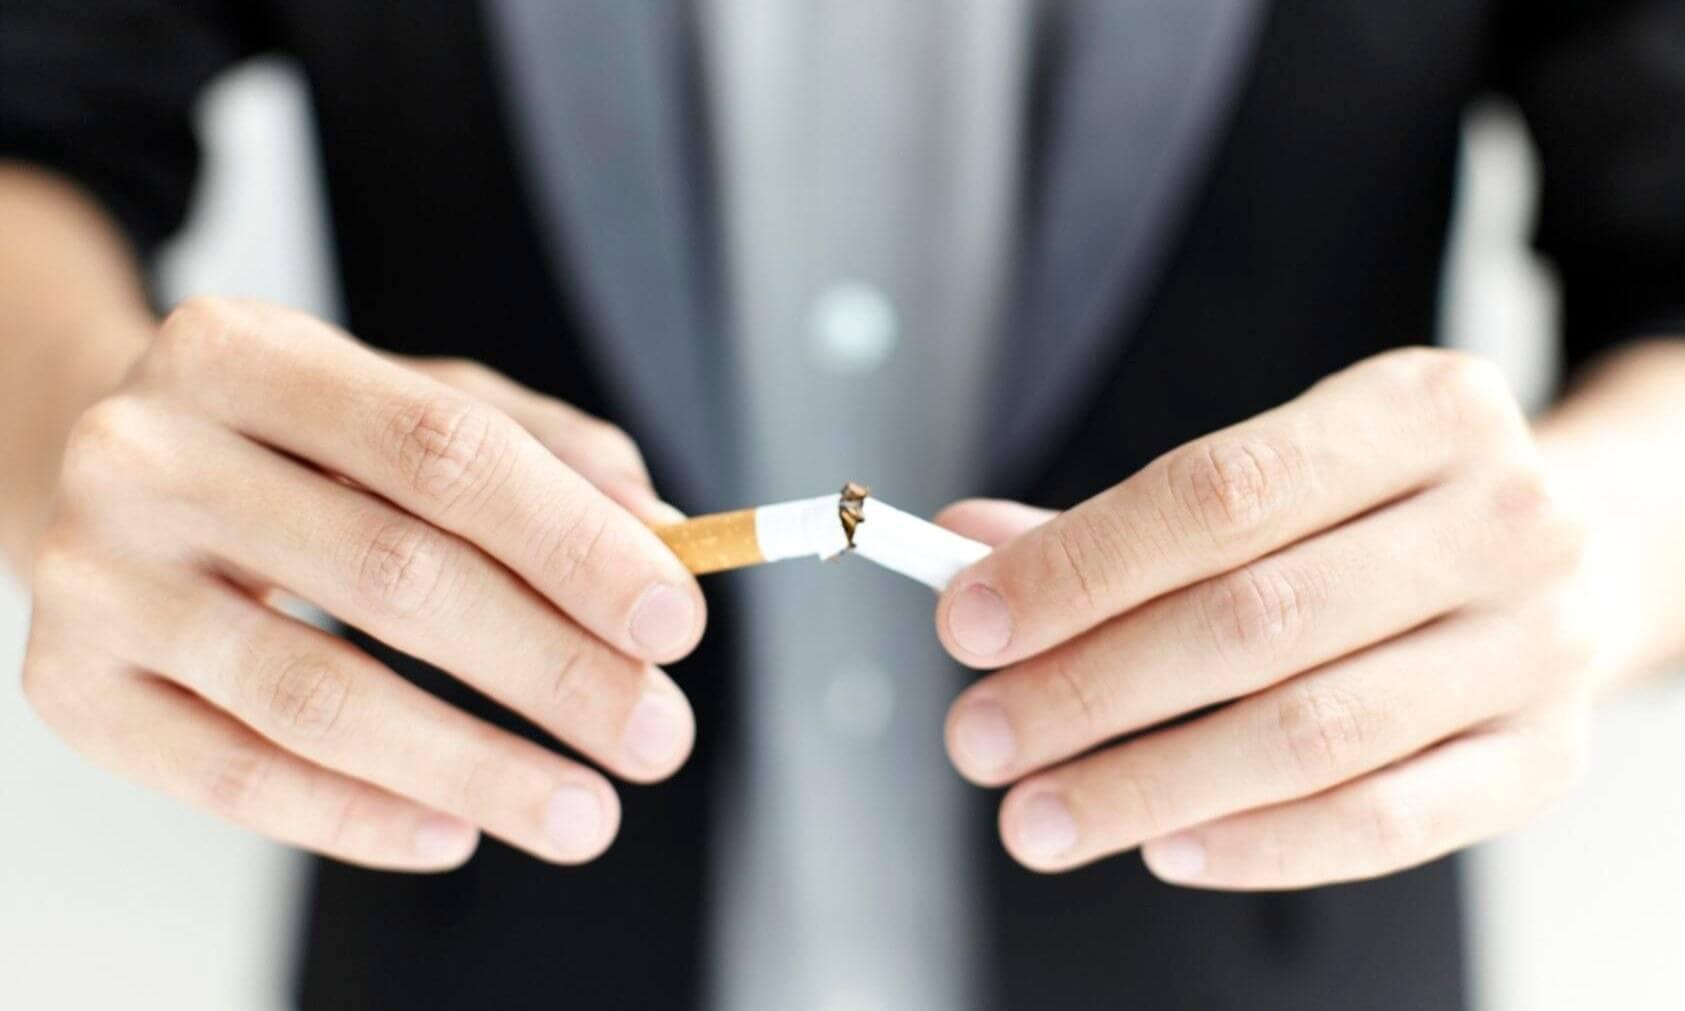 แนวโน้มการตลาดของผลิตภัณฑ์ทดแทนการสูบ Kardinal Stick ในประเทศไทย